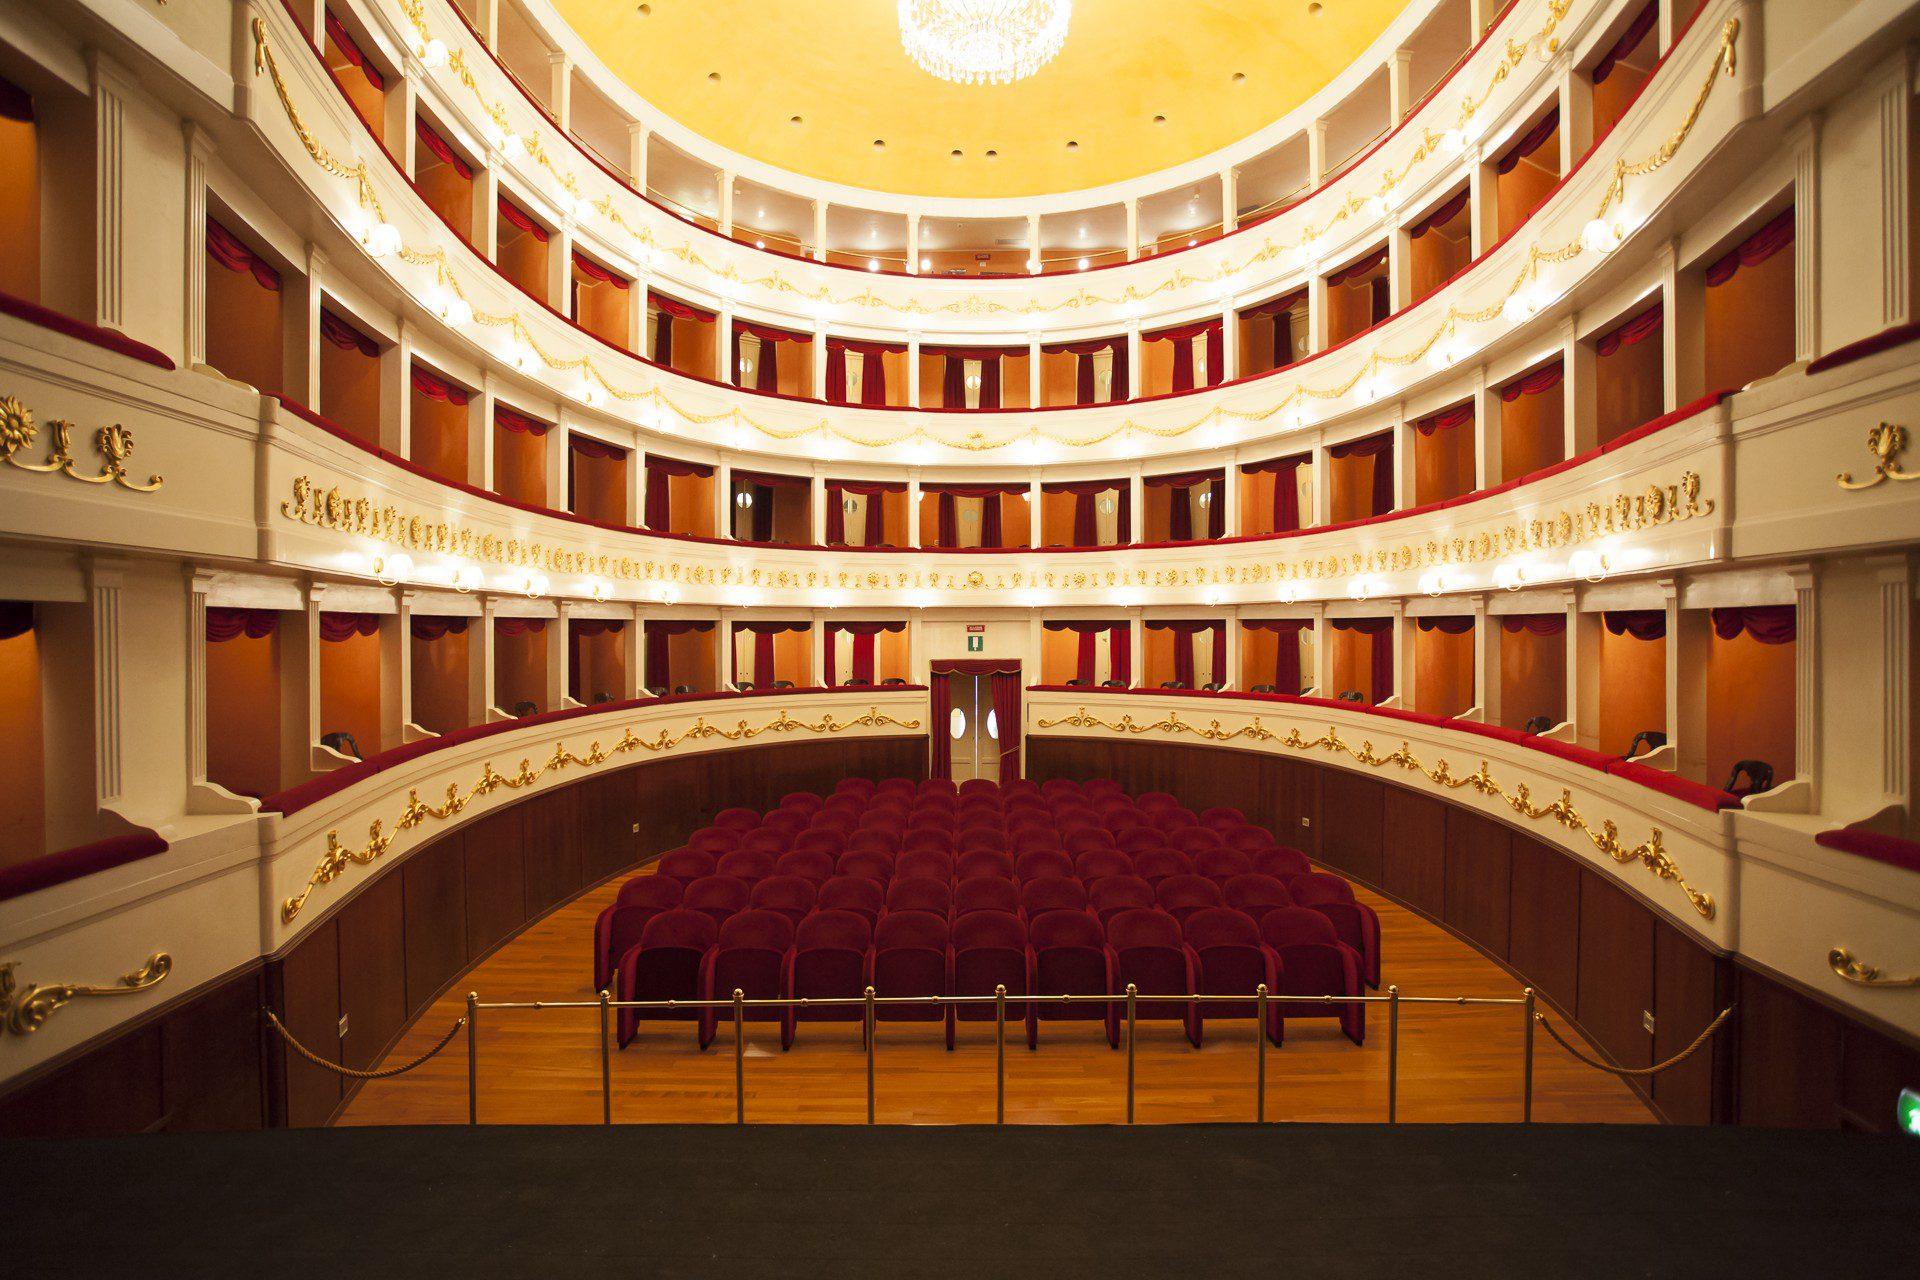 Nuovo cinema per tutti, prosegue a Sassari la rassegna